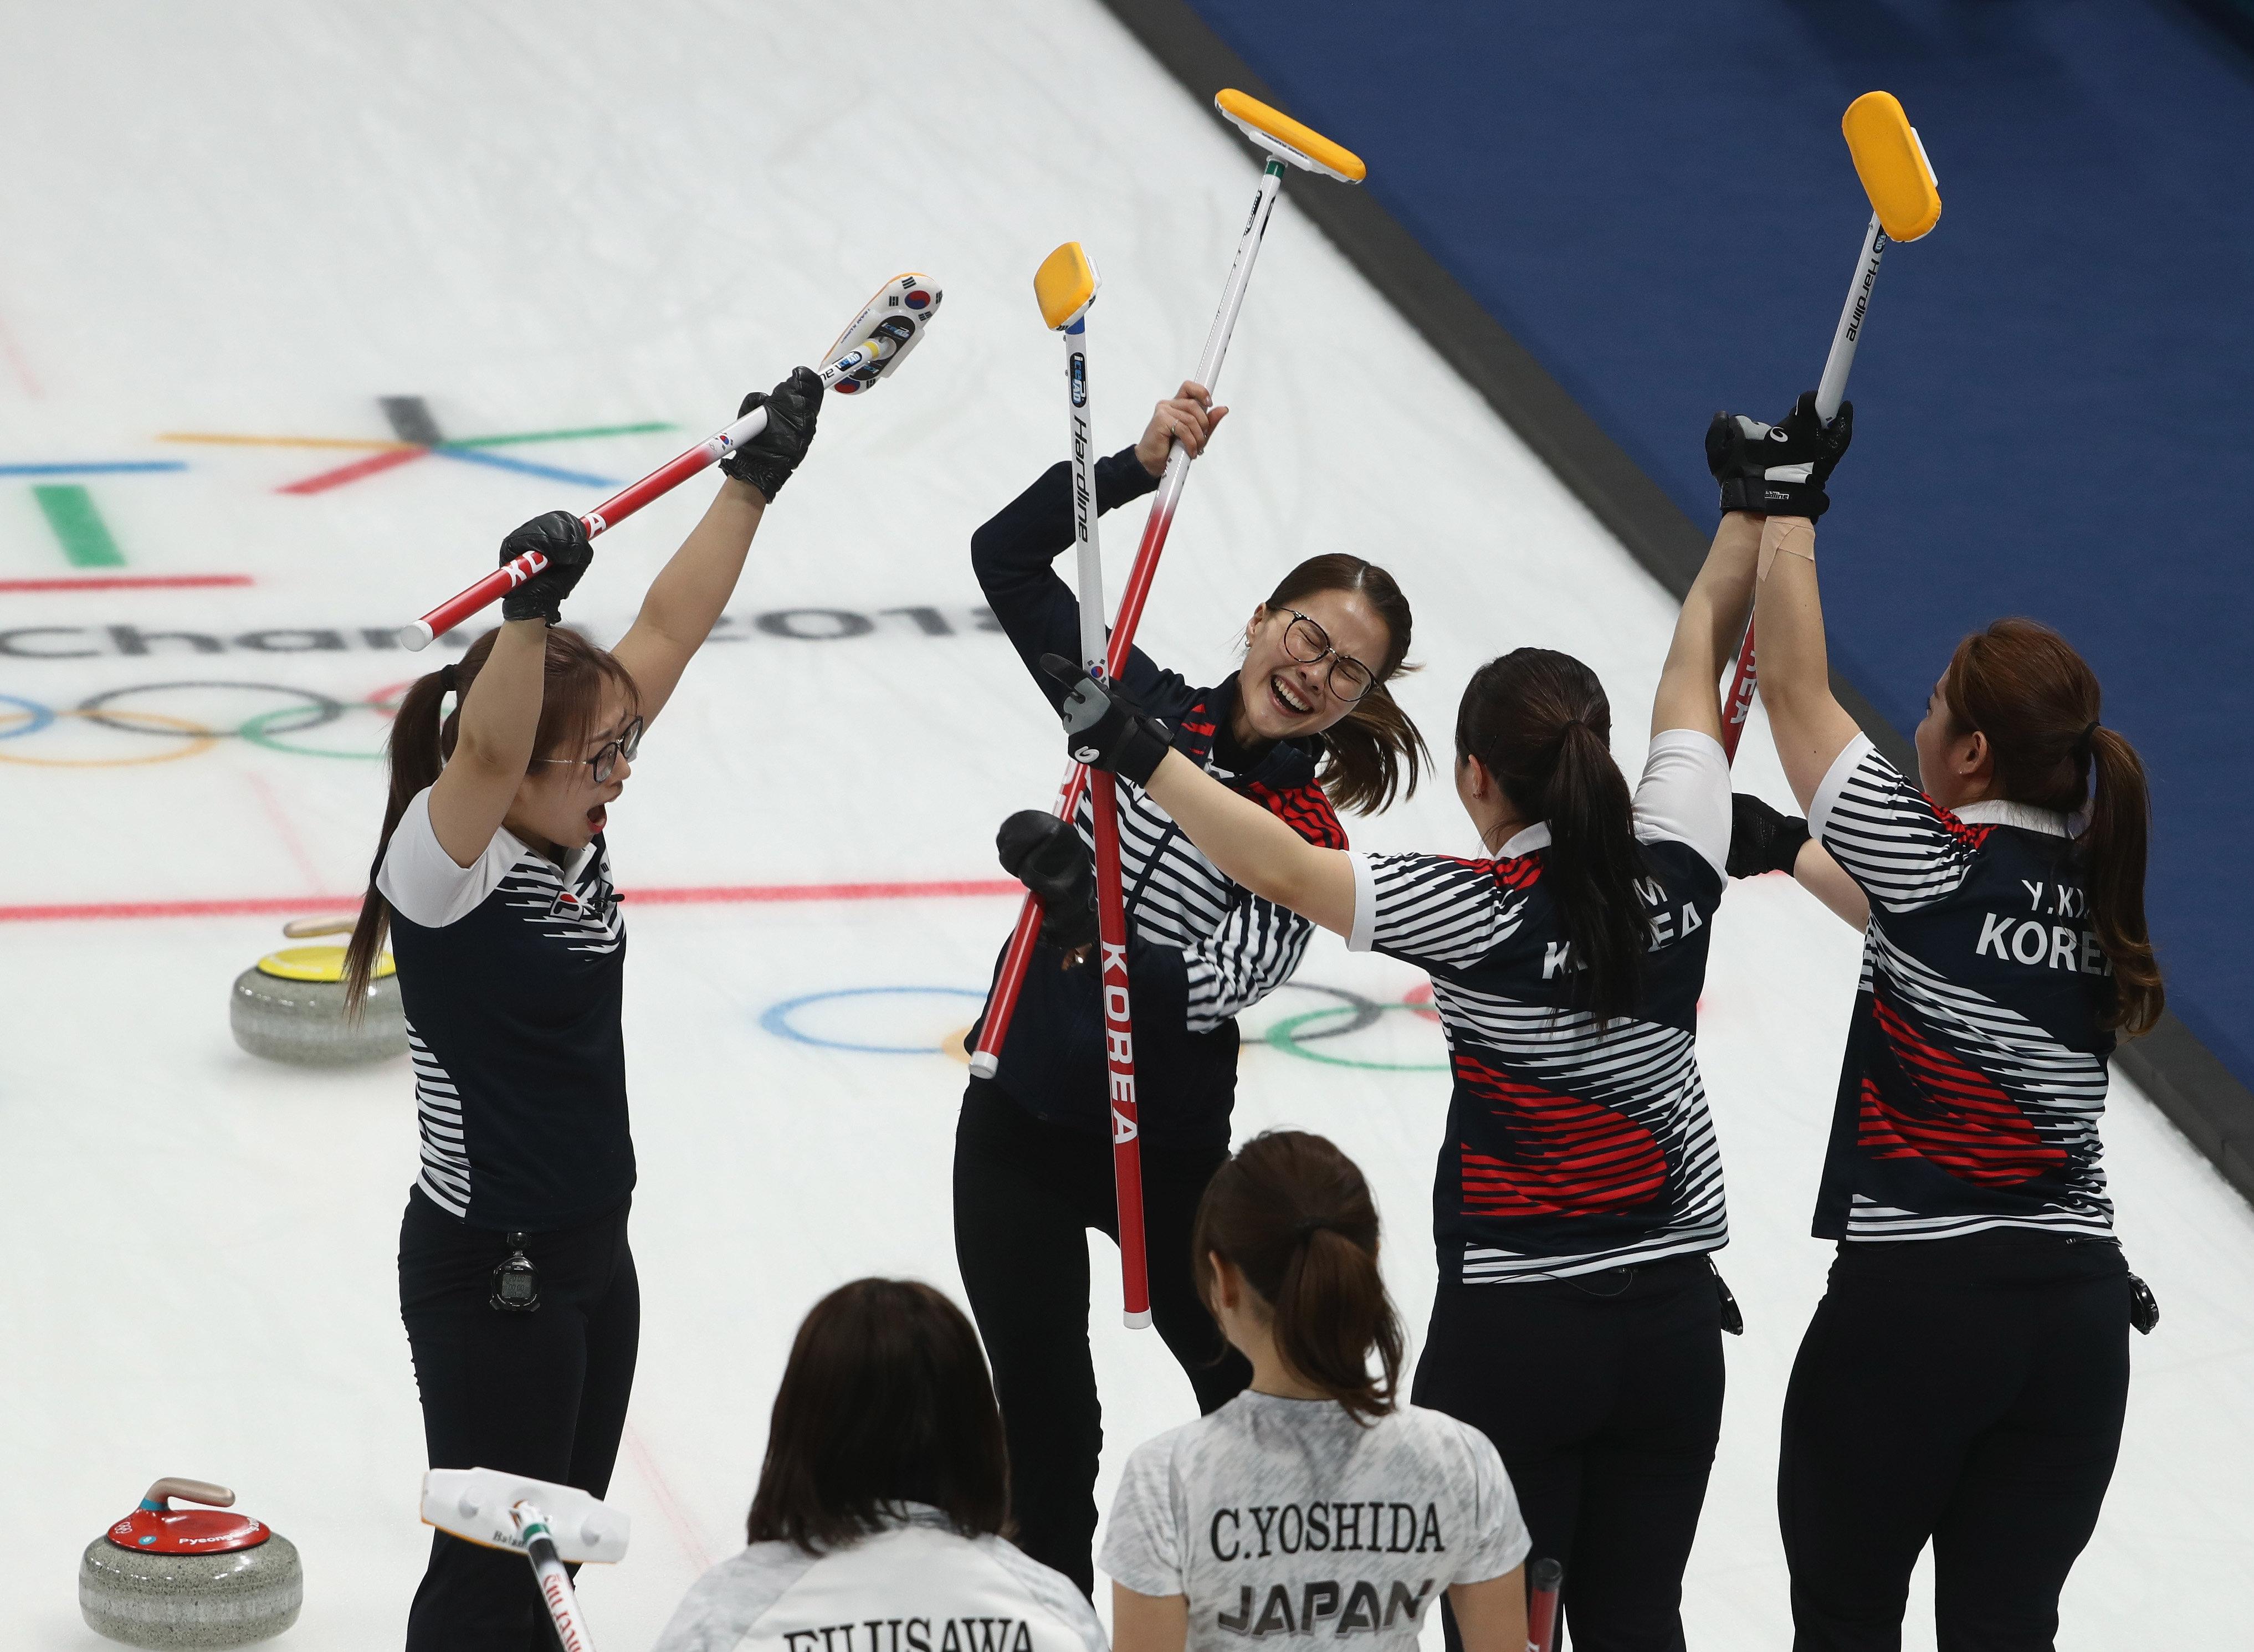 여자 컬링 대표팀의 승리 후 모두가 감격하고